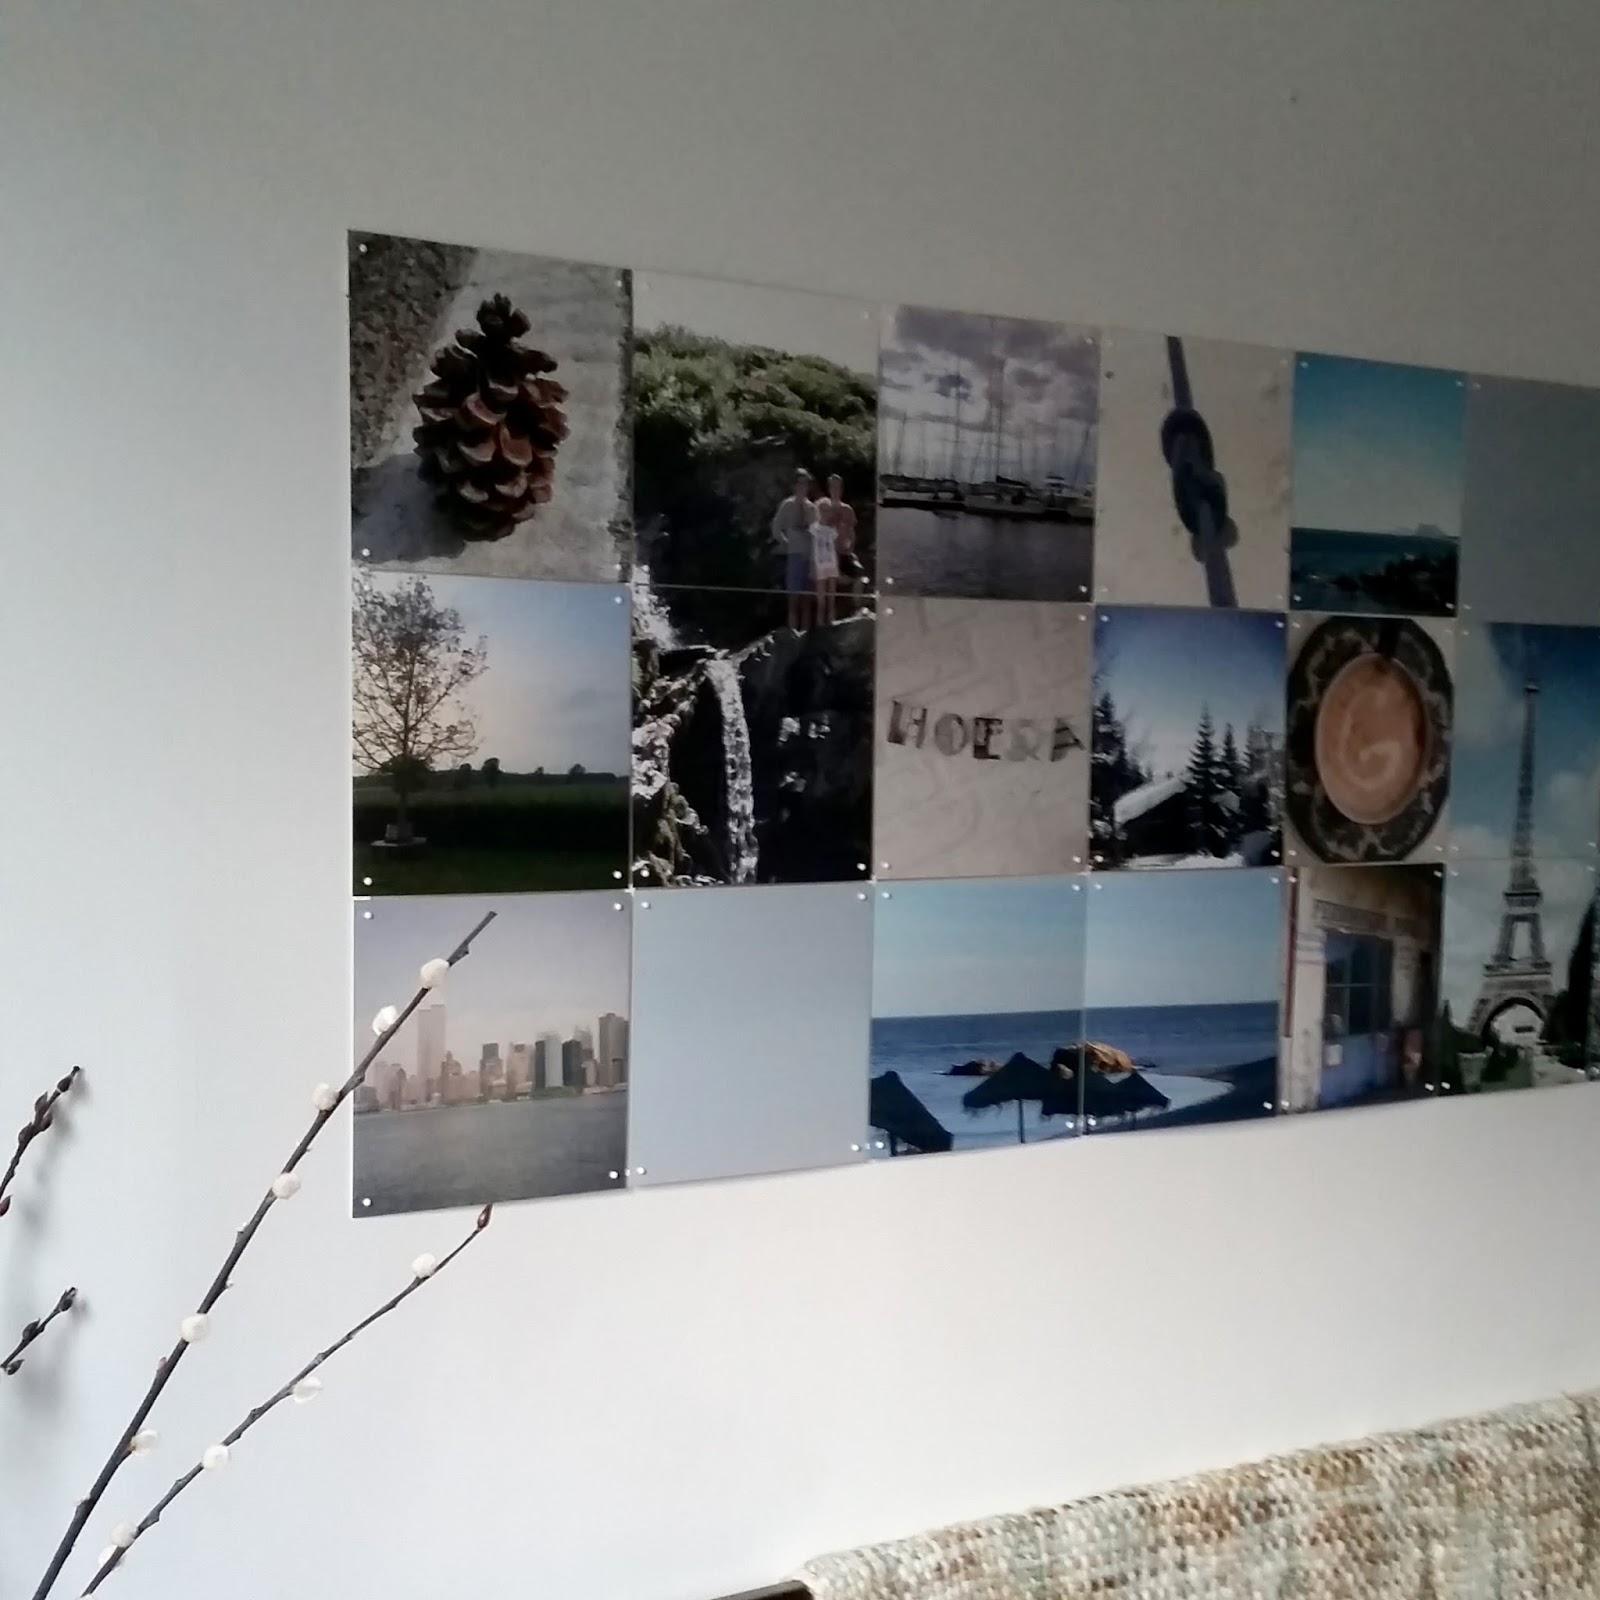 Wanddecoratie maken  Ontwerp snel je eigen muurdecoratie